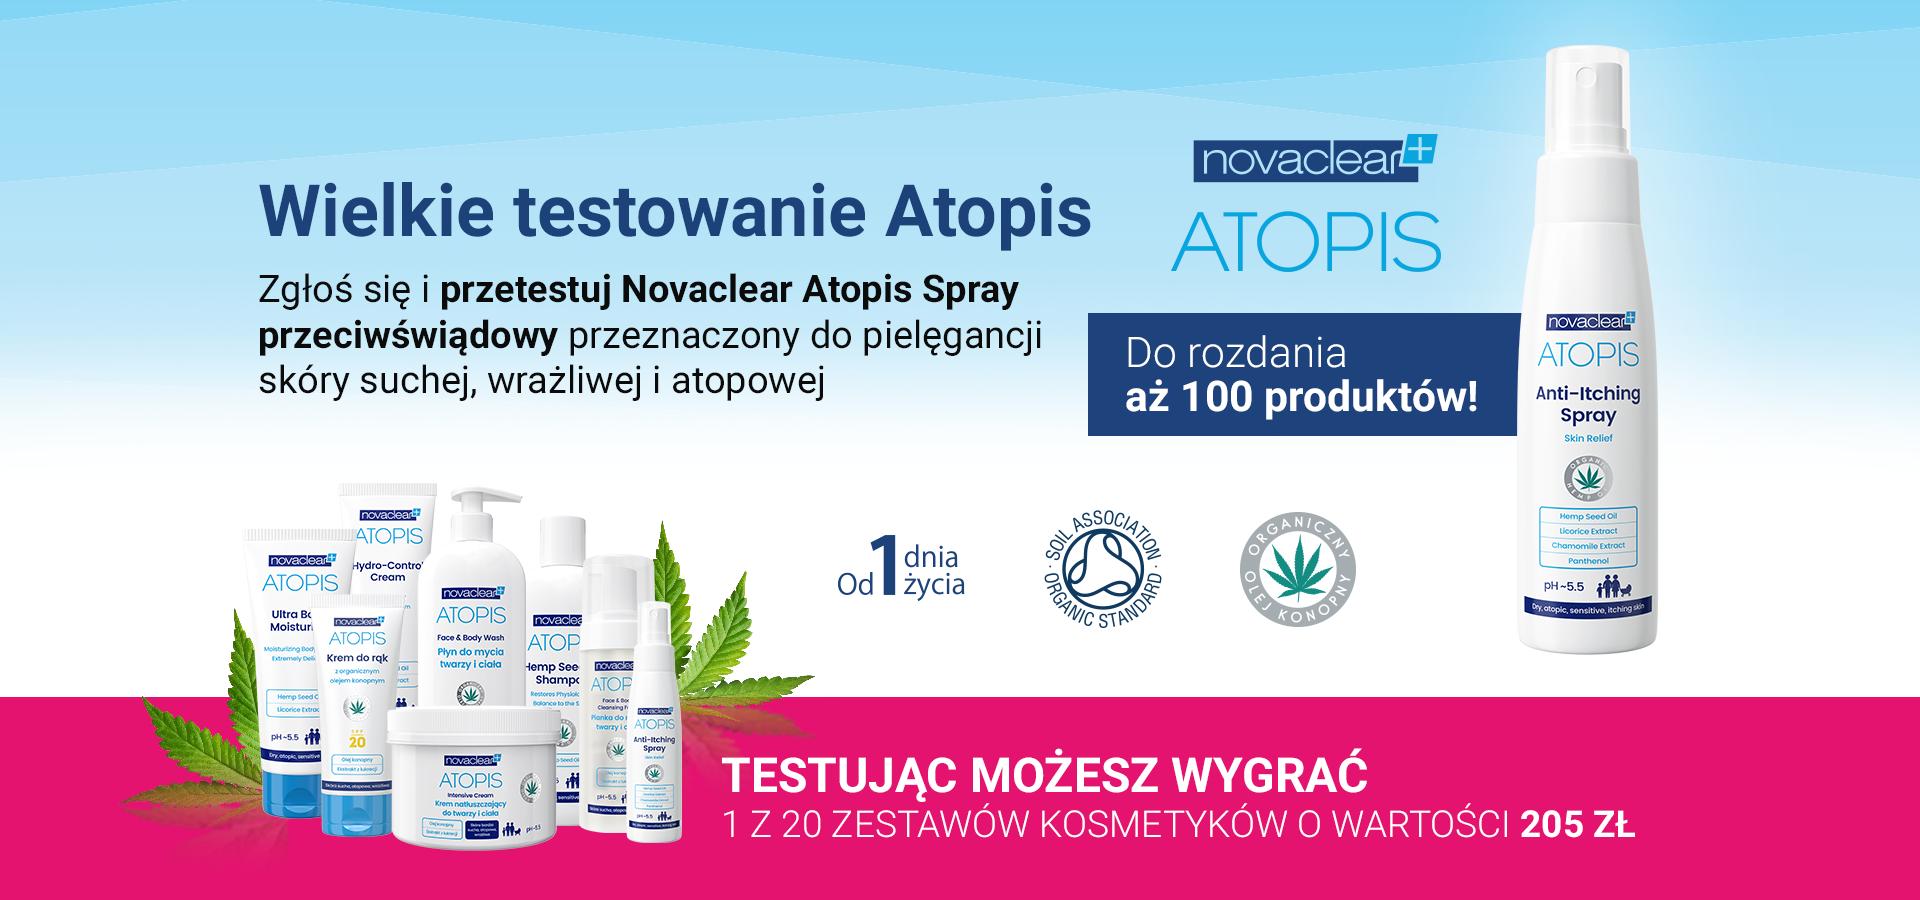 Wielkie testowanie Atopis